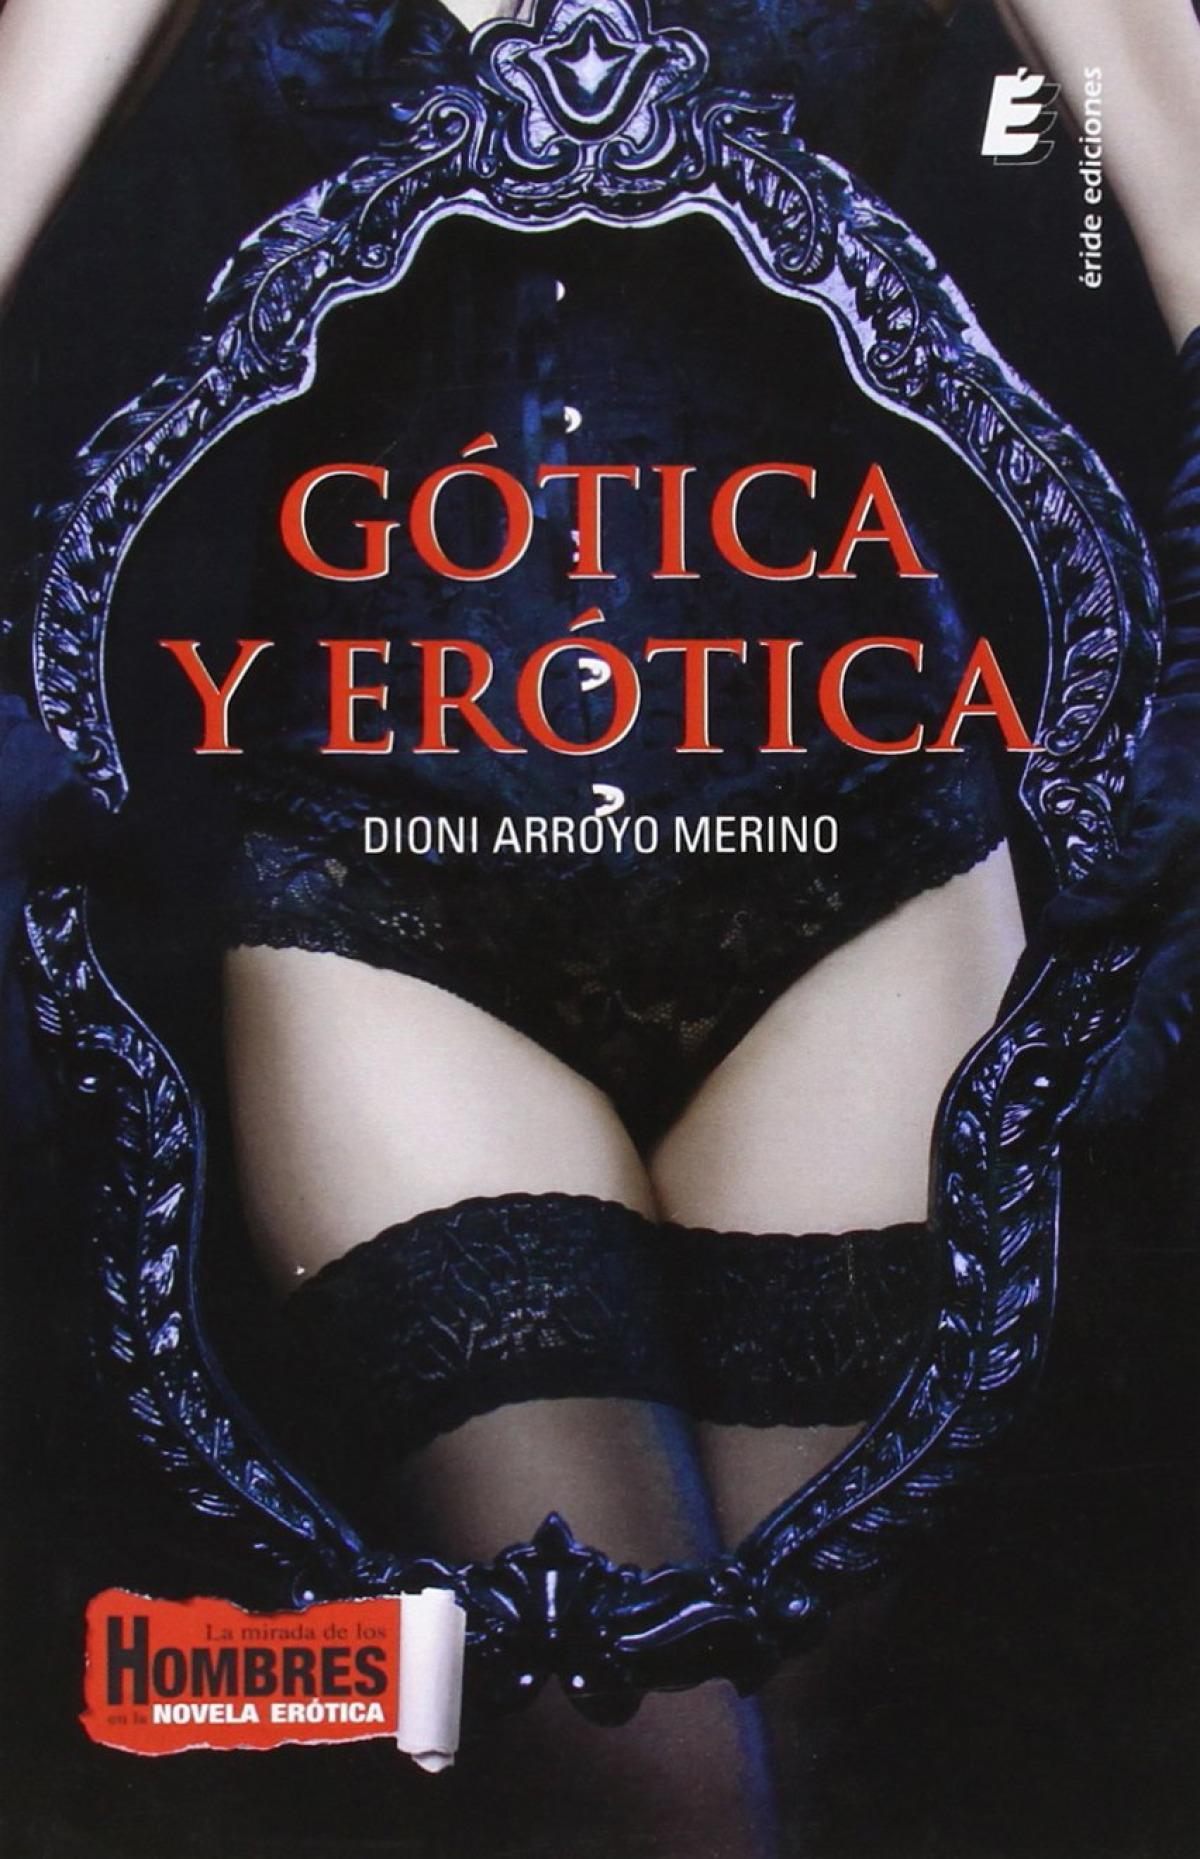 Gótica y erótica 9788416085385